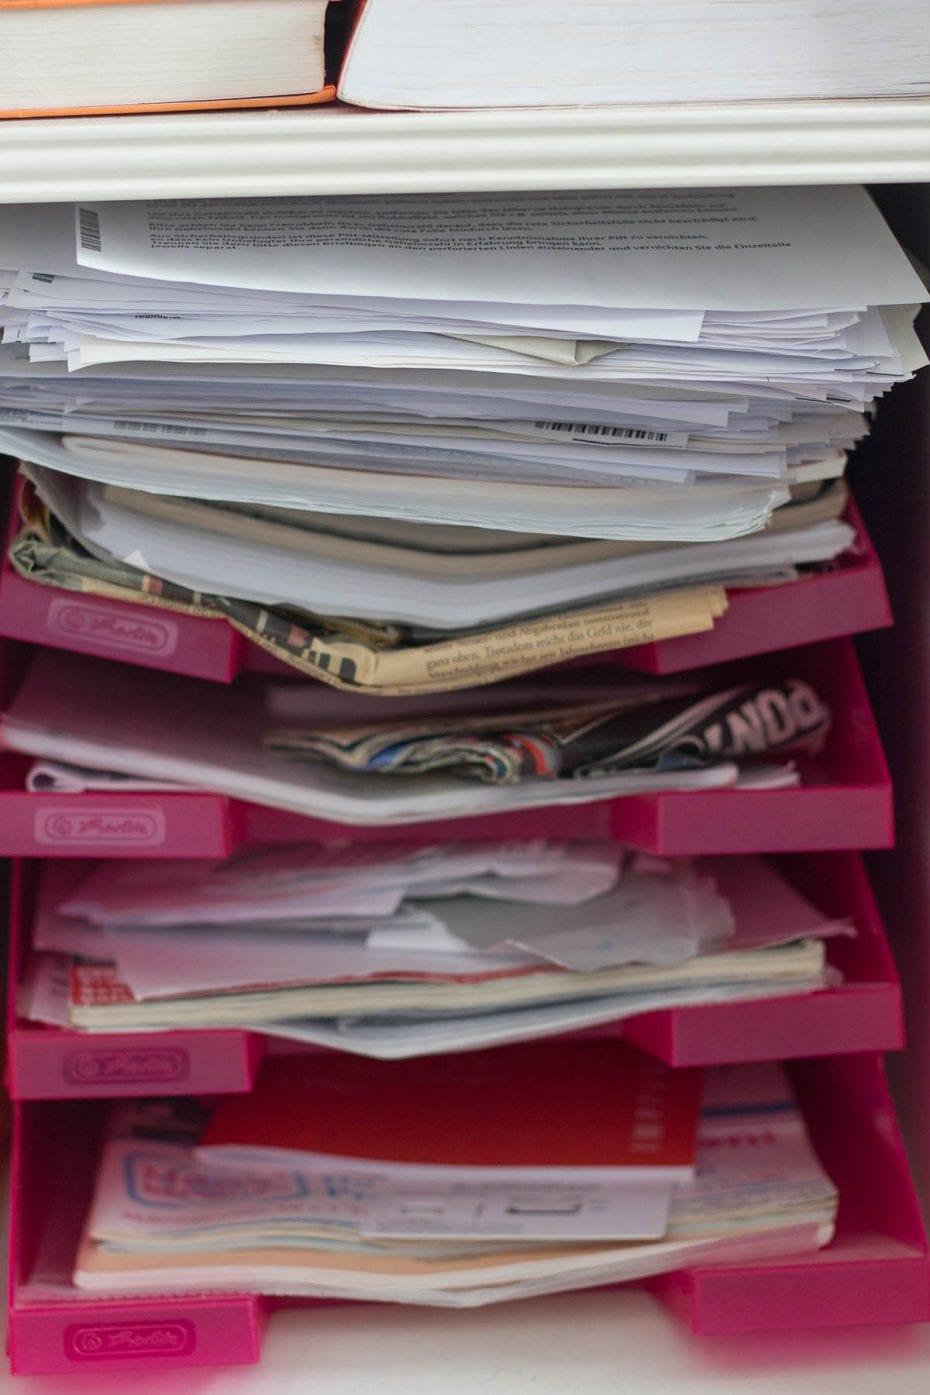 Ausmisten Challenge – Papiere aussortieren